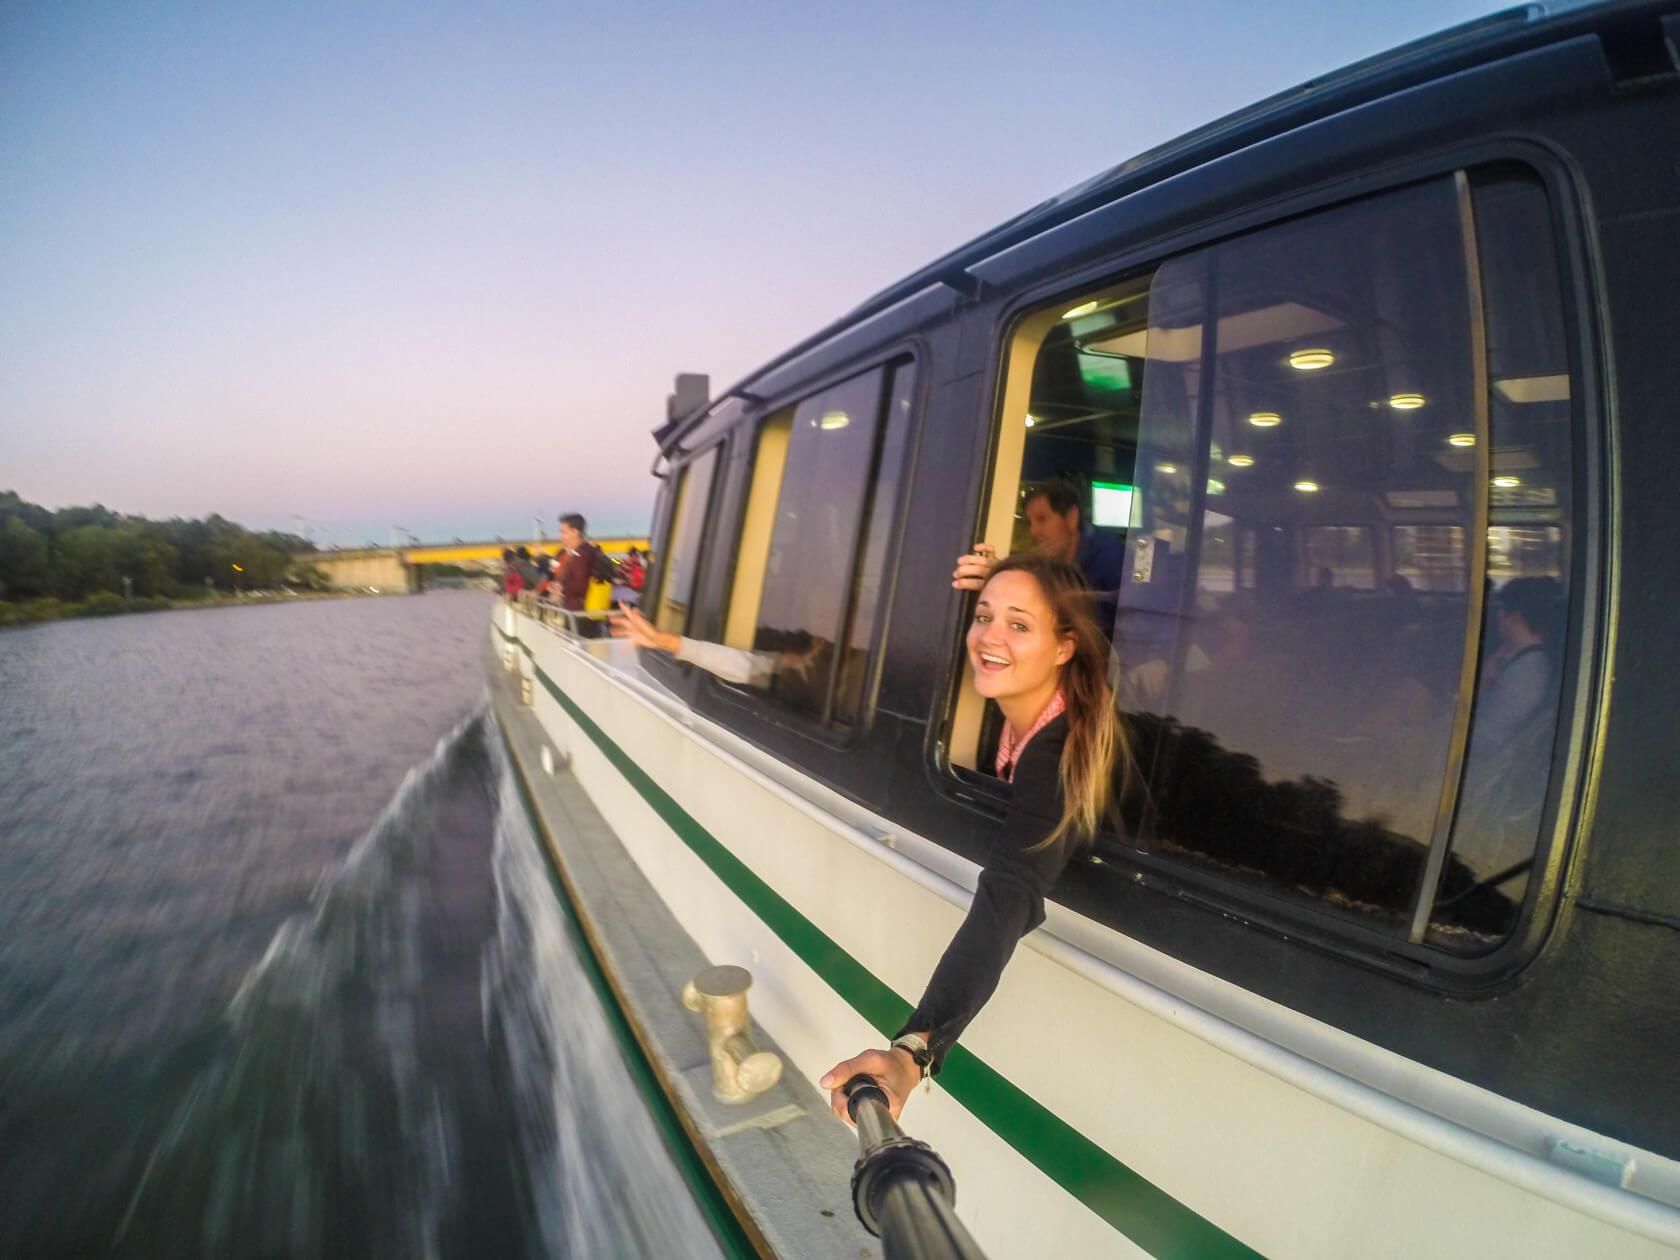 Go Pro Boat Selfie in Motion Sydney